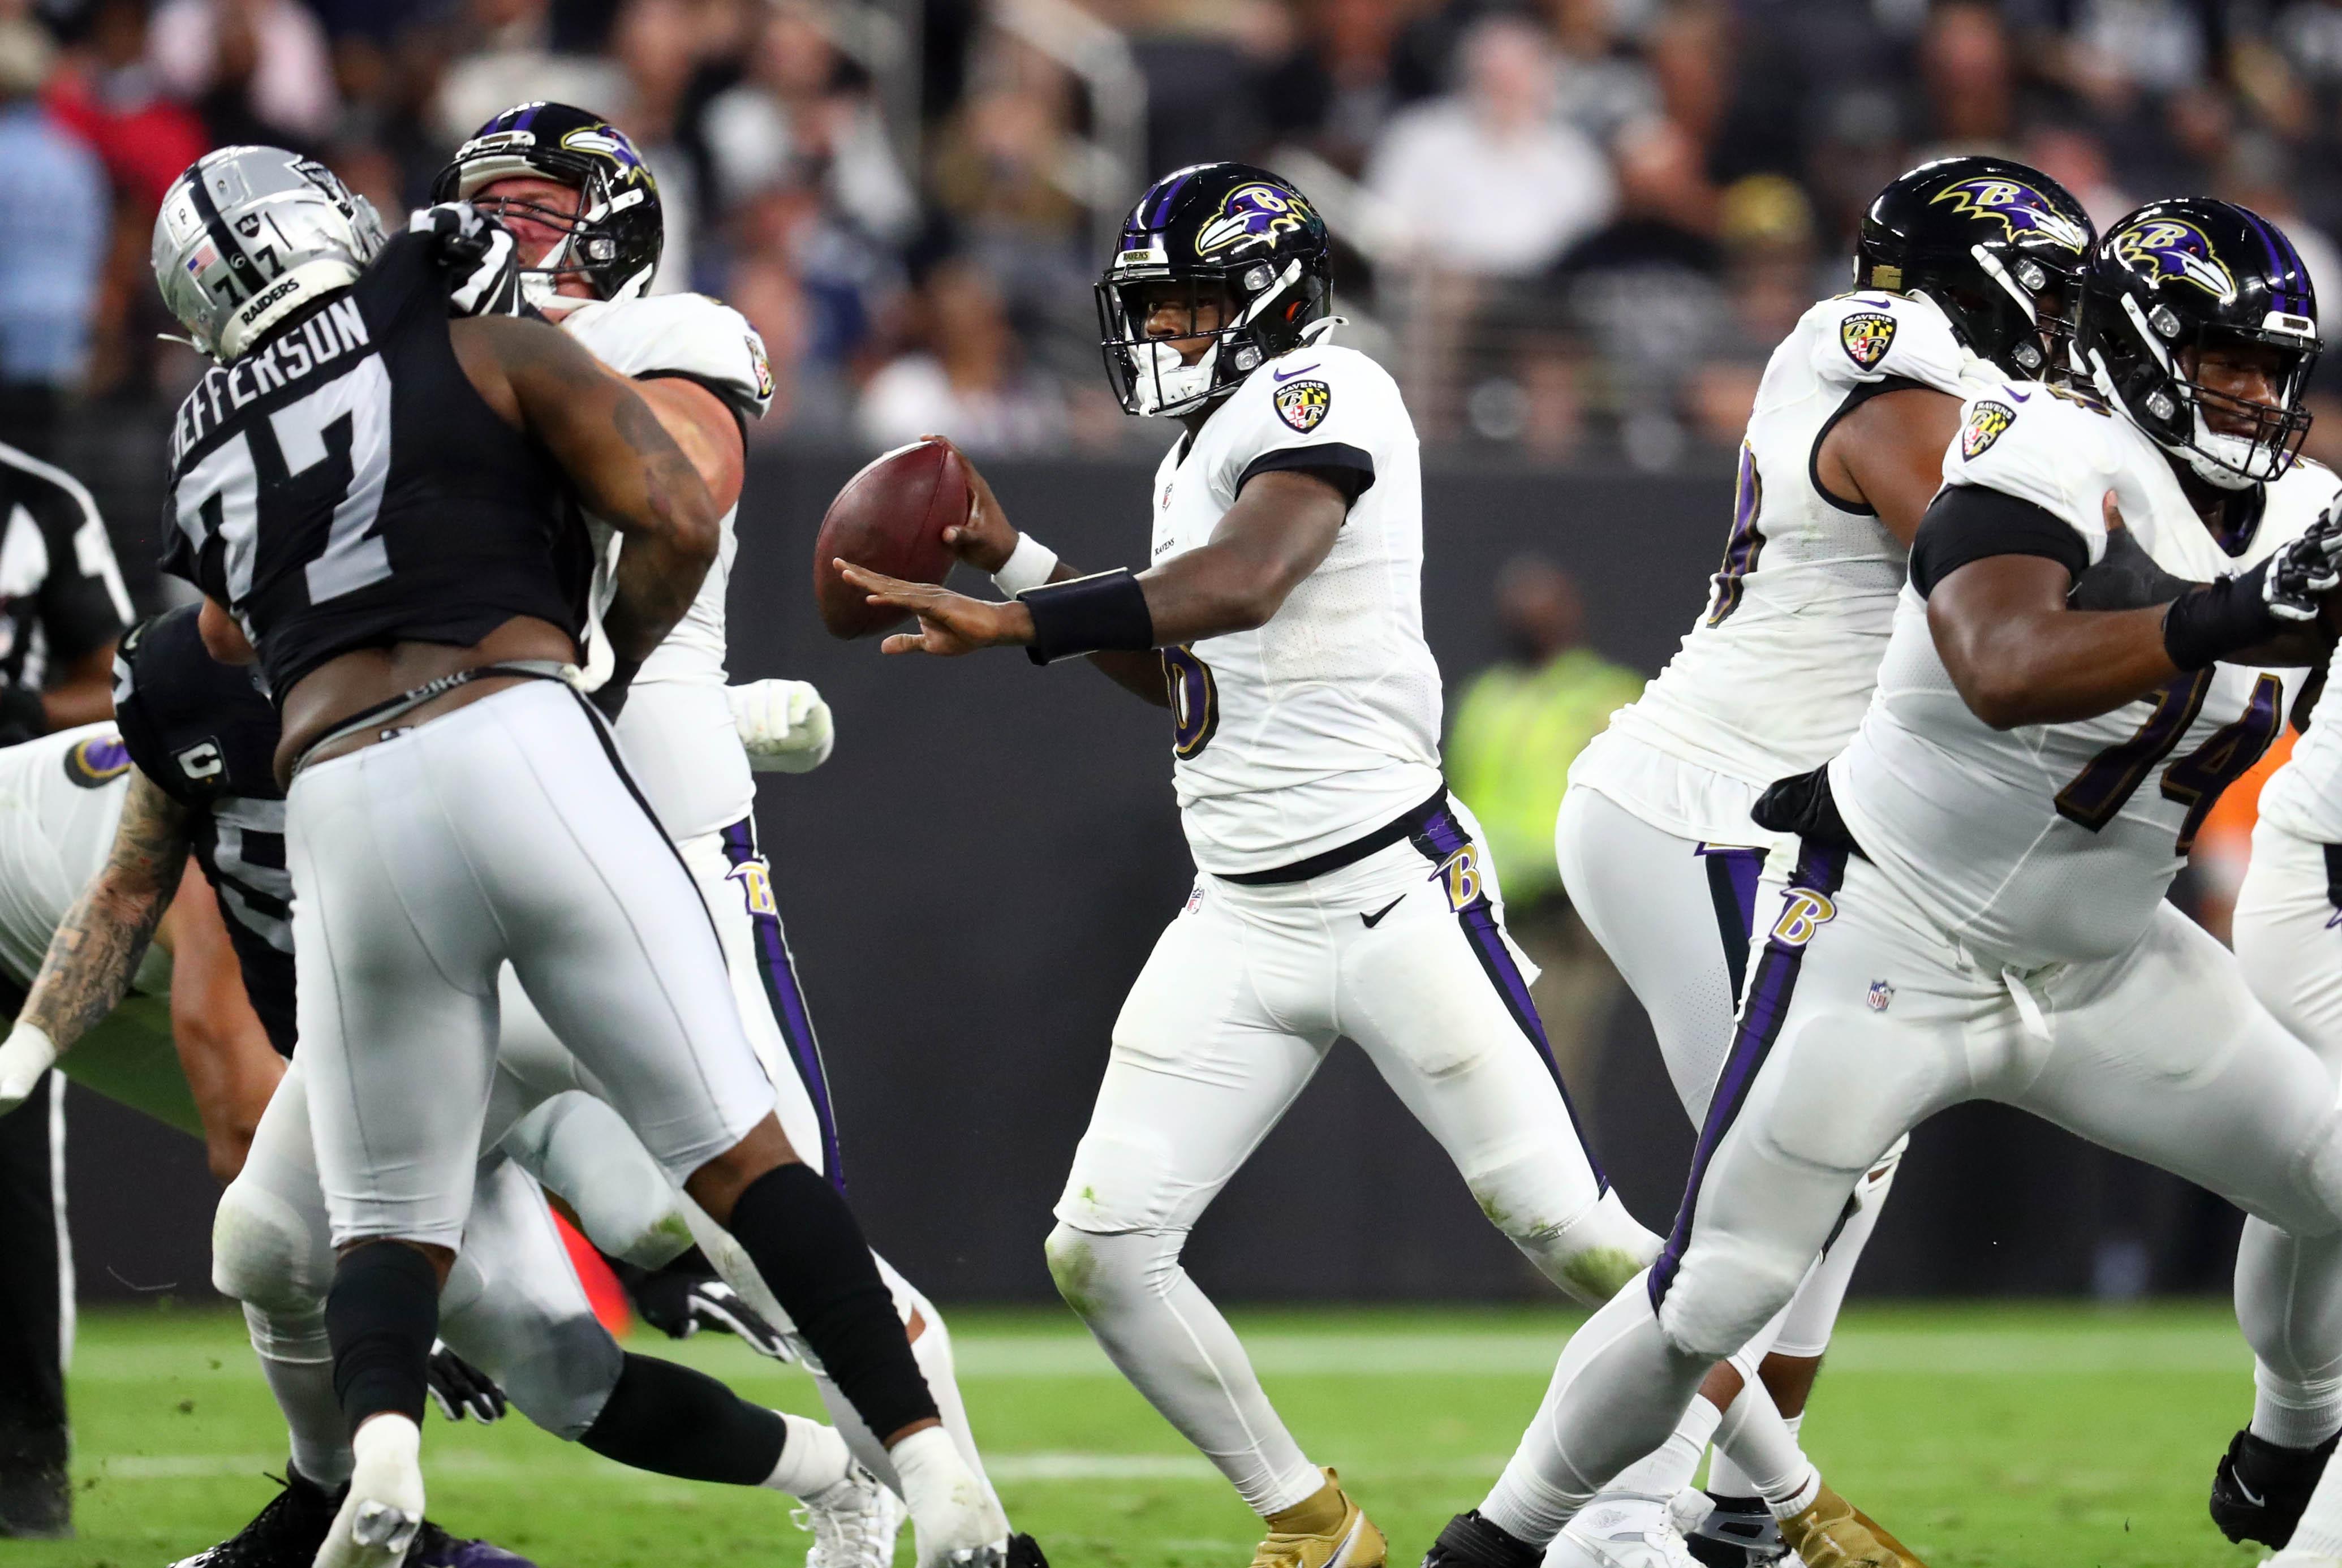 NFL: Baltimore Ravens at Las Vegas Raiders